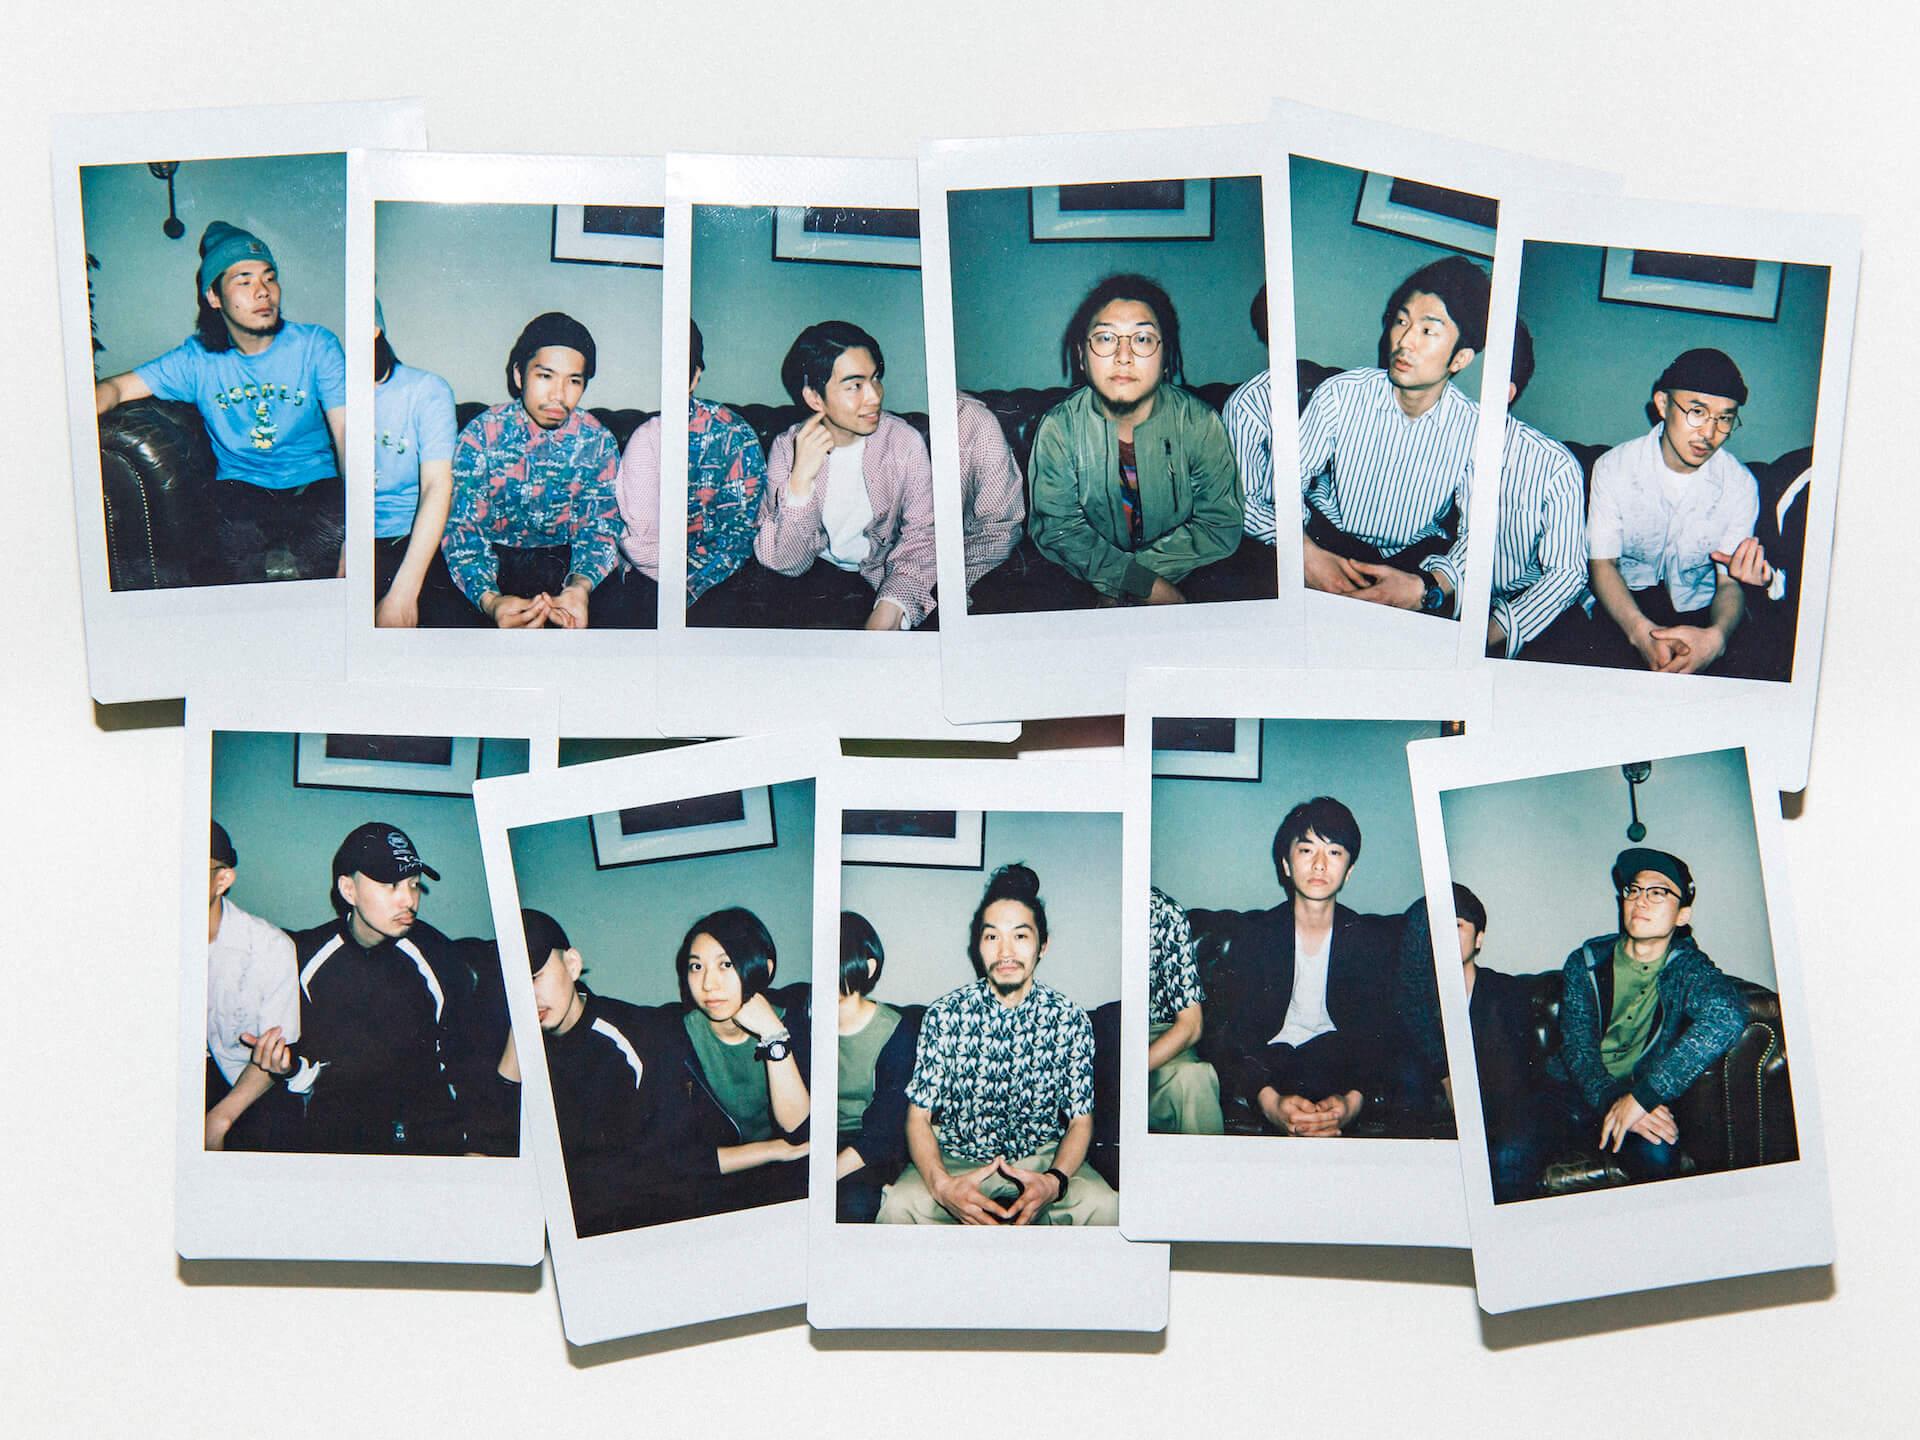 SIRUP擁する次世代アートコレクティブ・Soulflex、初のワンマンライブで地元大阪を魅了|ビルボードライブでのShin Sakiuraとのツーマンライブも発表 music_191220_soulflex15